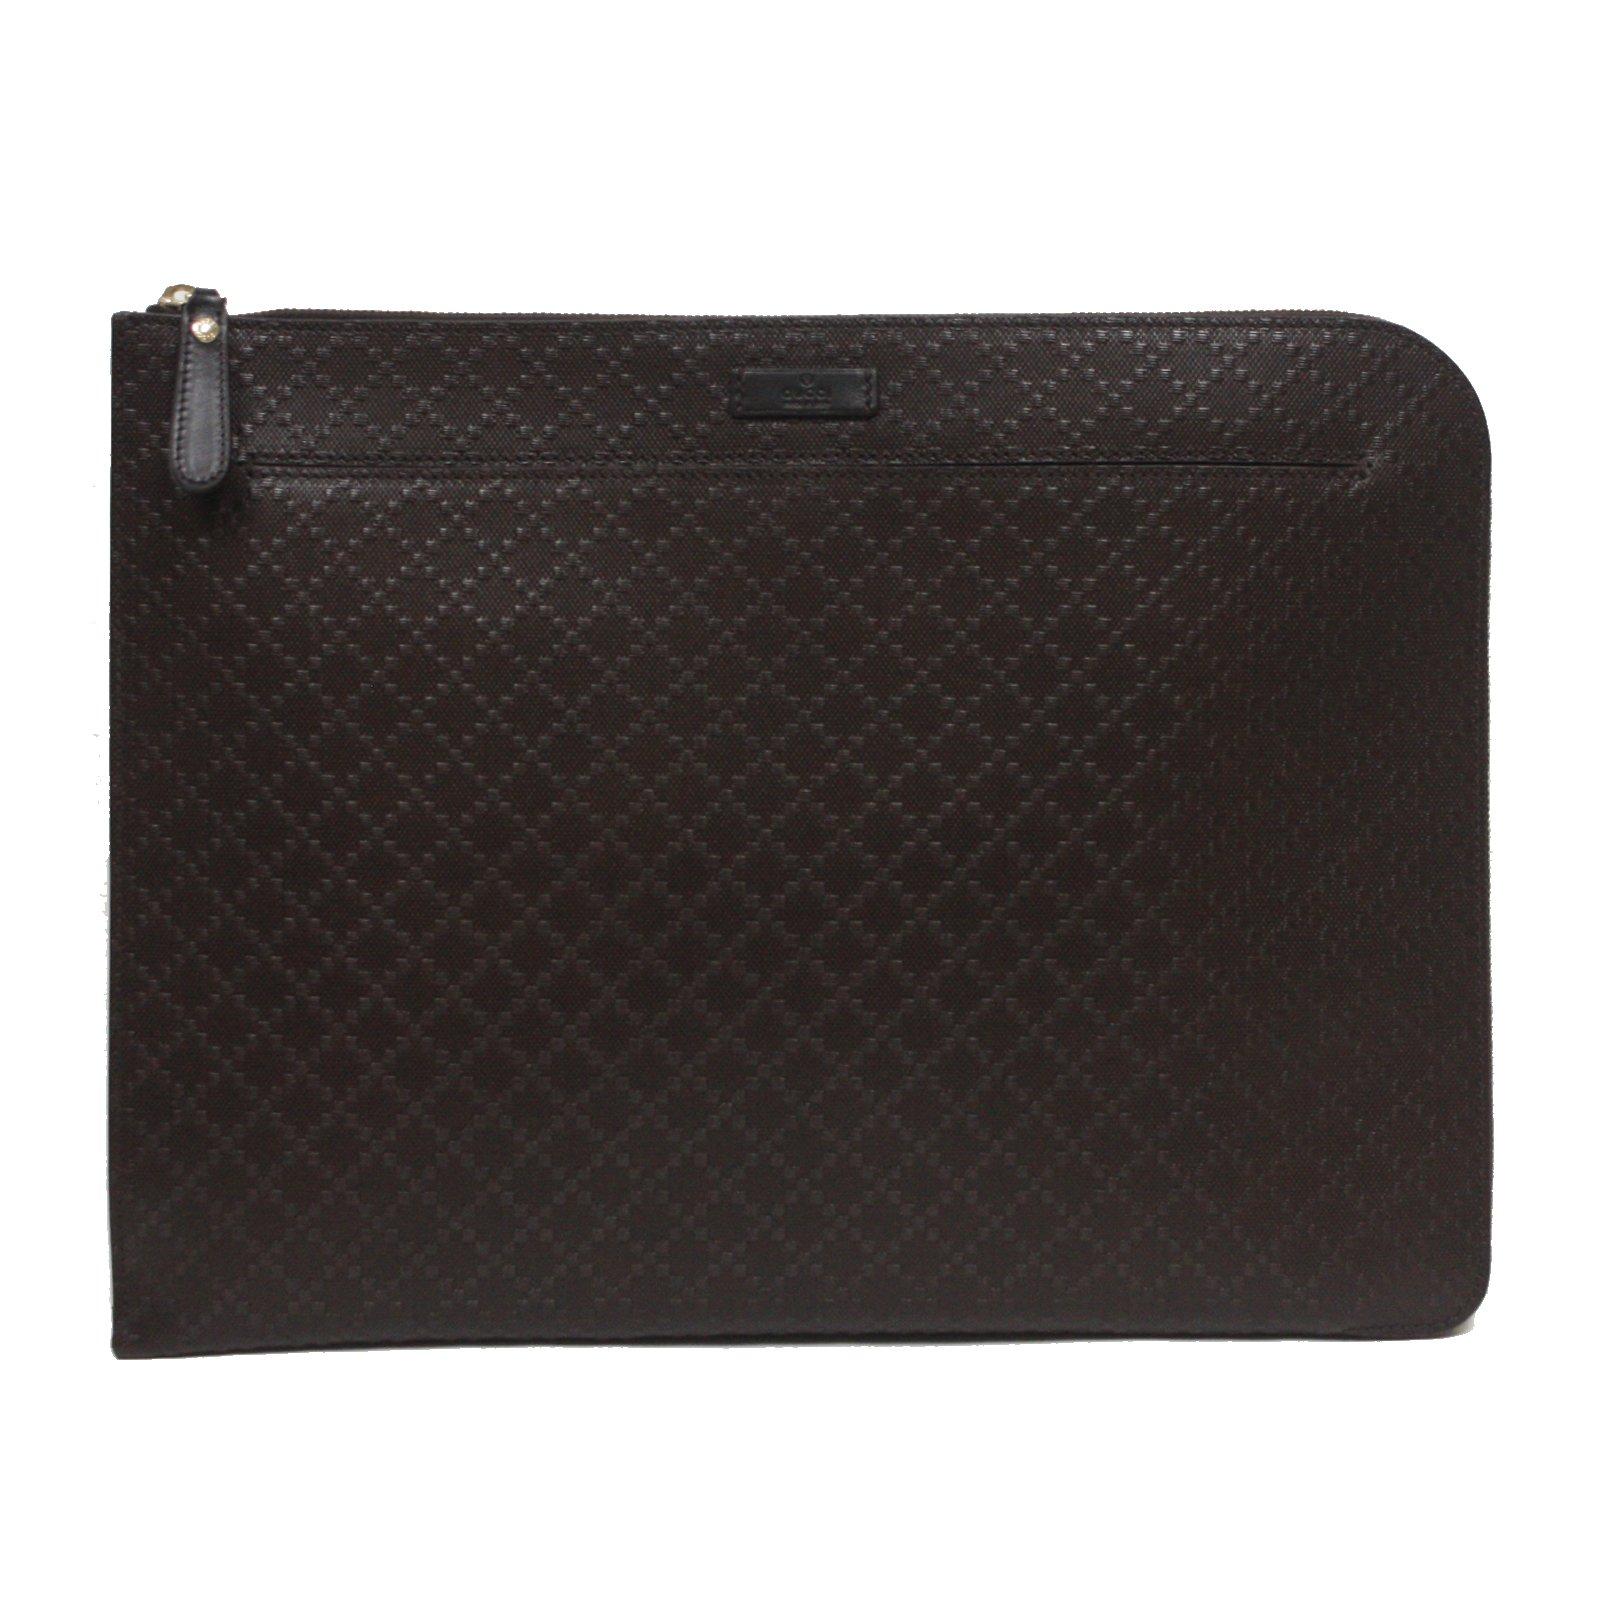 Gucci Diamante Leather Zip Portfolio Briefcase Bag 368564 2044 Brown